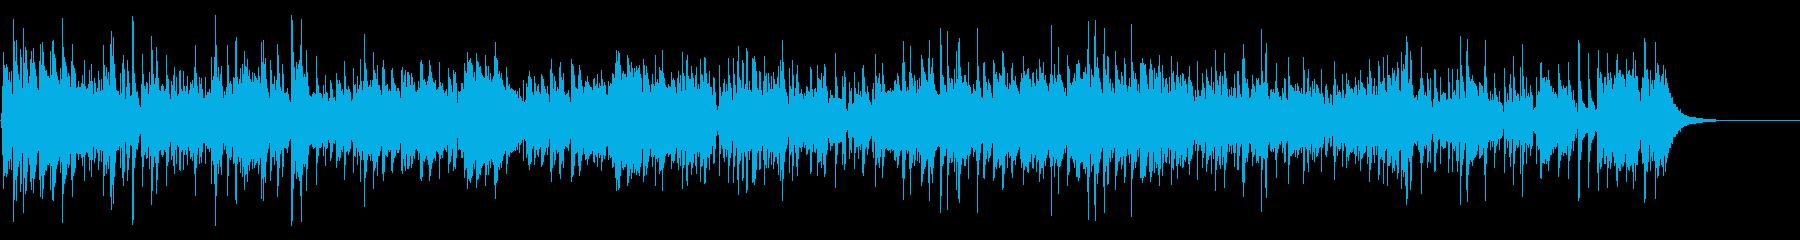 軽快なアコースティックギター曲の再生済みの波形